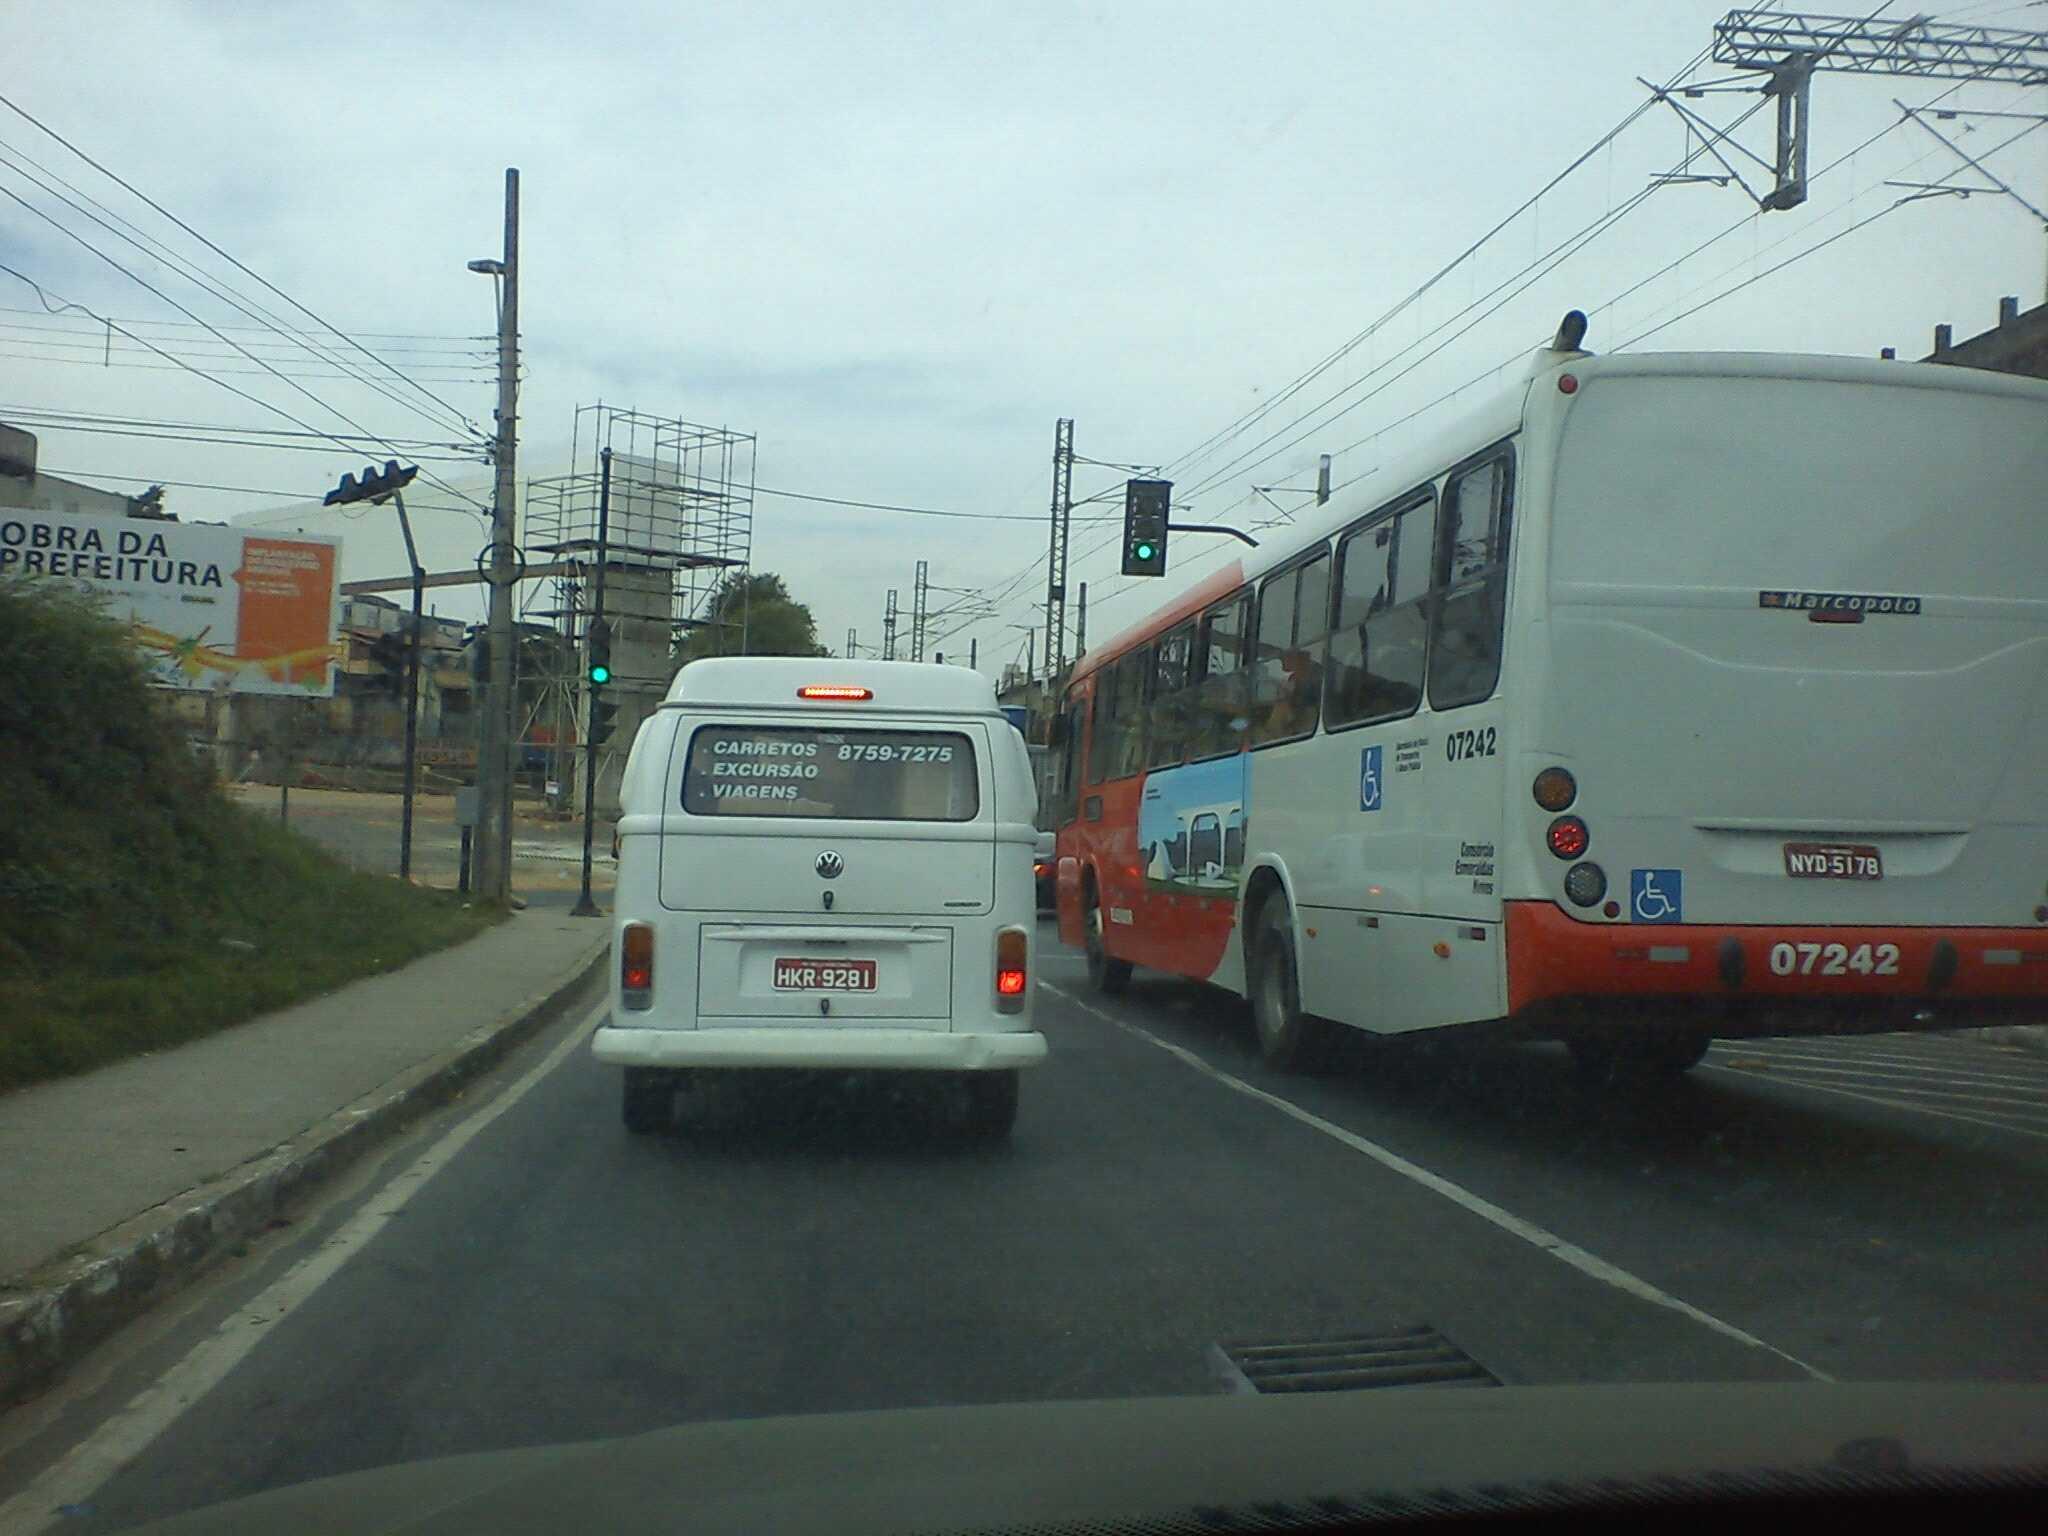 RT @Teo_Hespanha: @BlitzBH @cdlfm Transito garrado na marginal da via estrssa... http://t.co/9W9Zqkjj